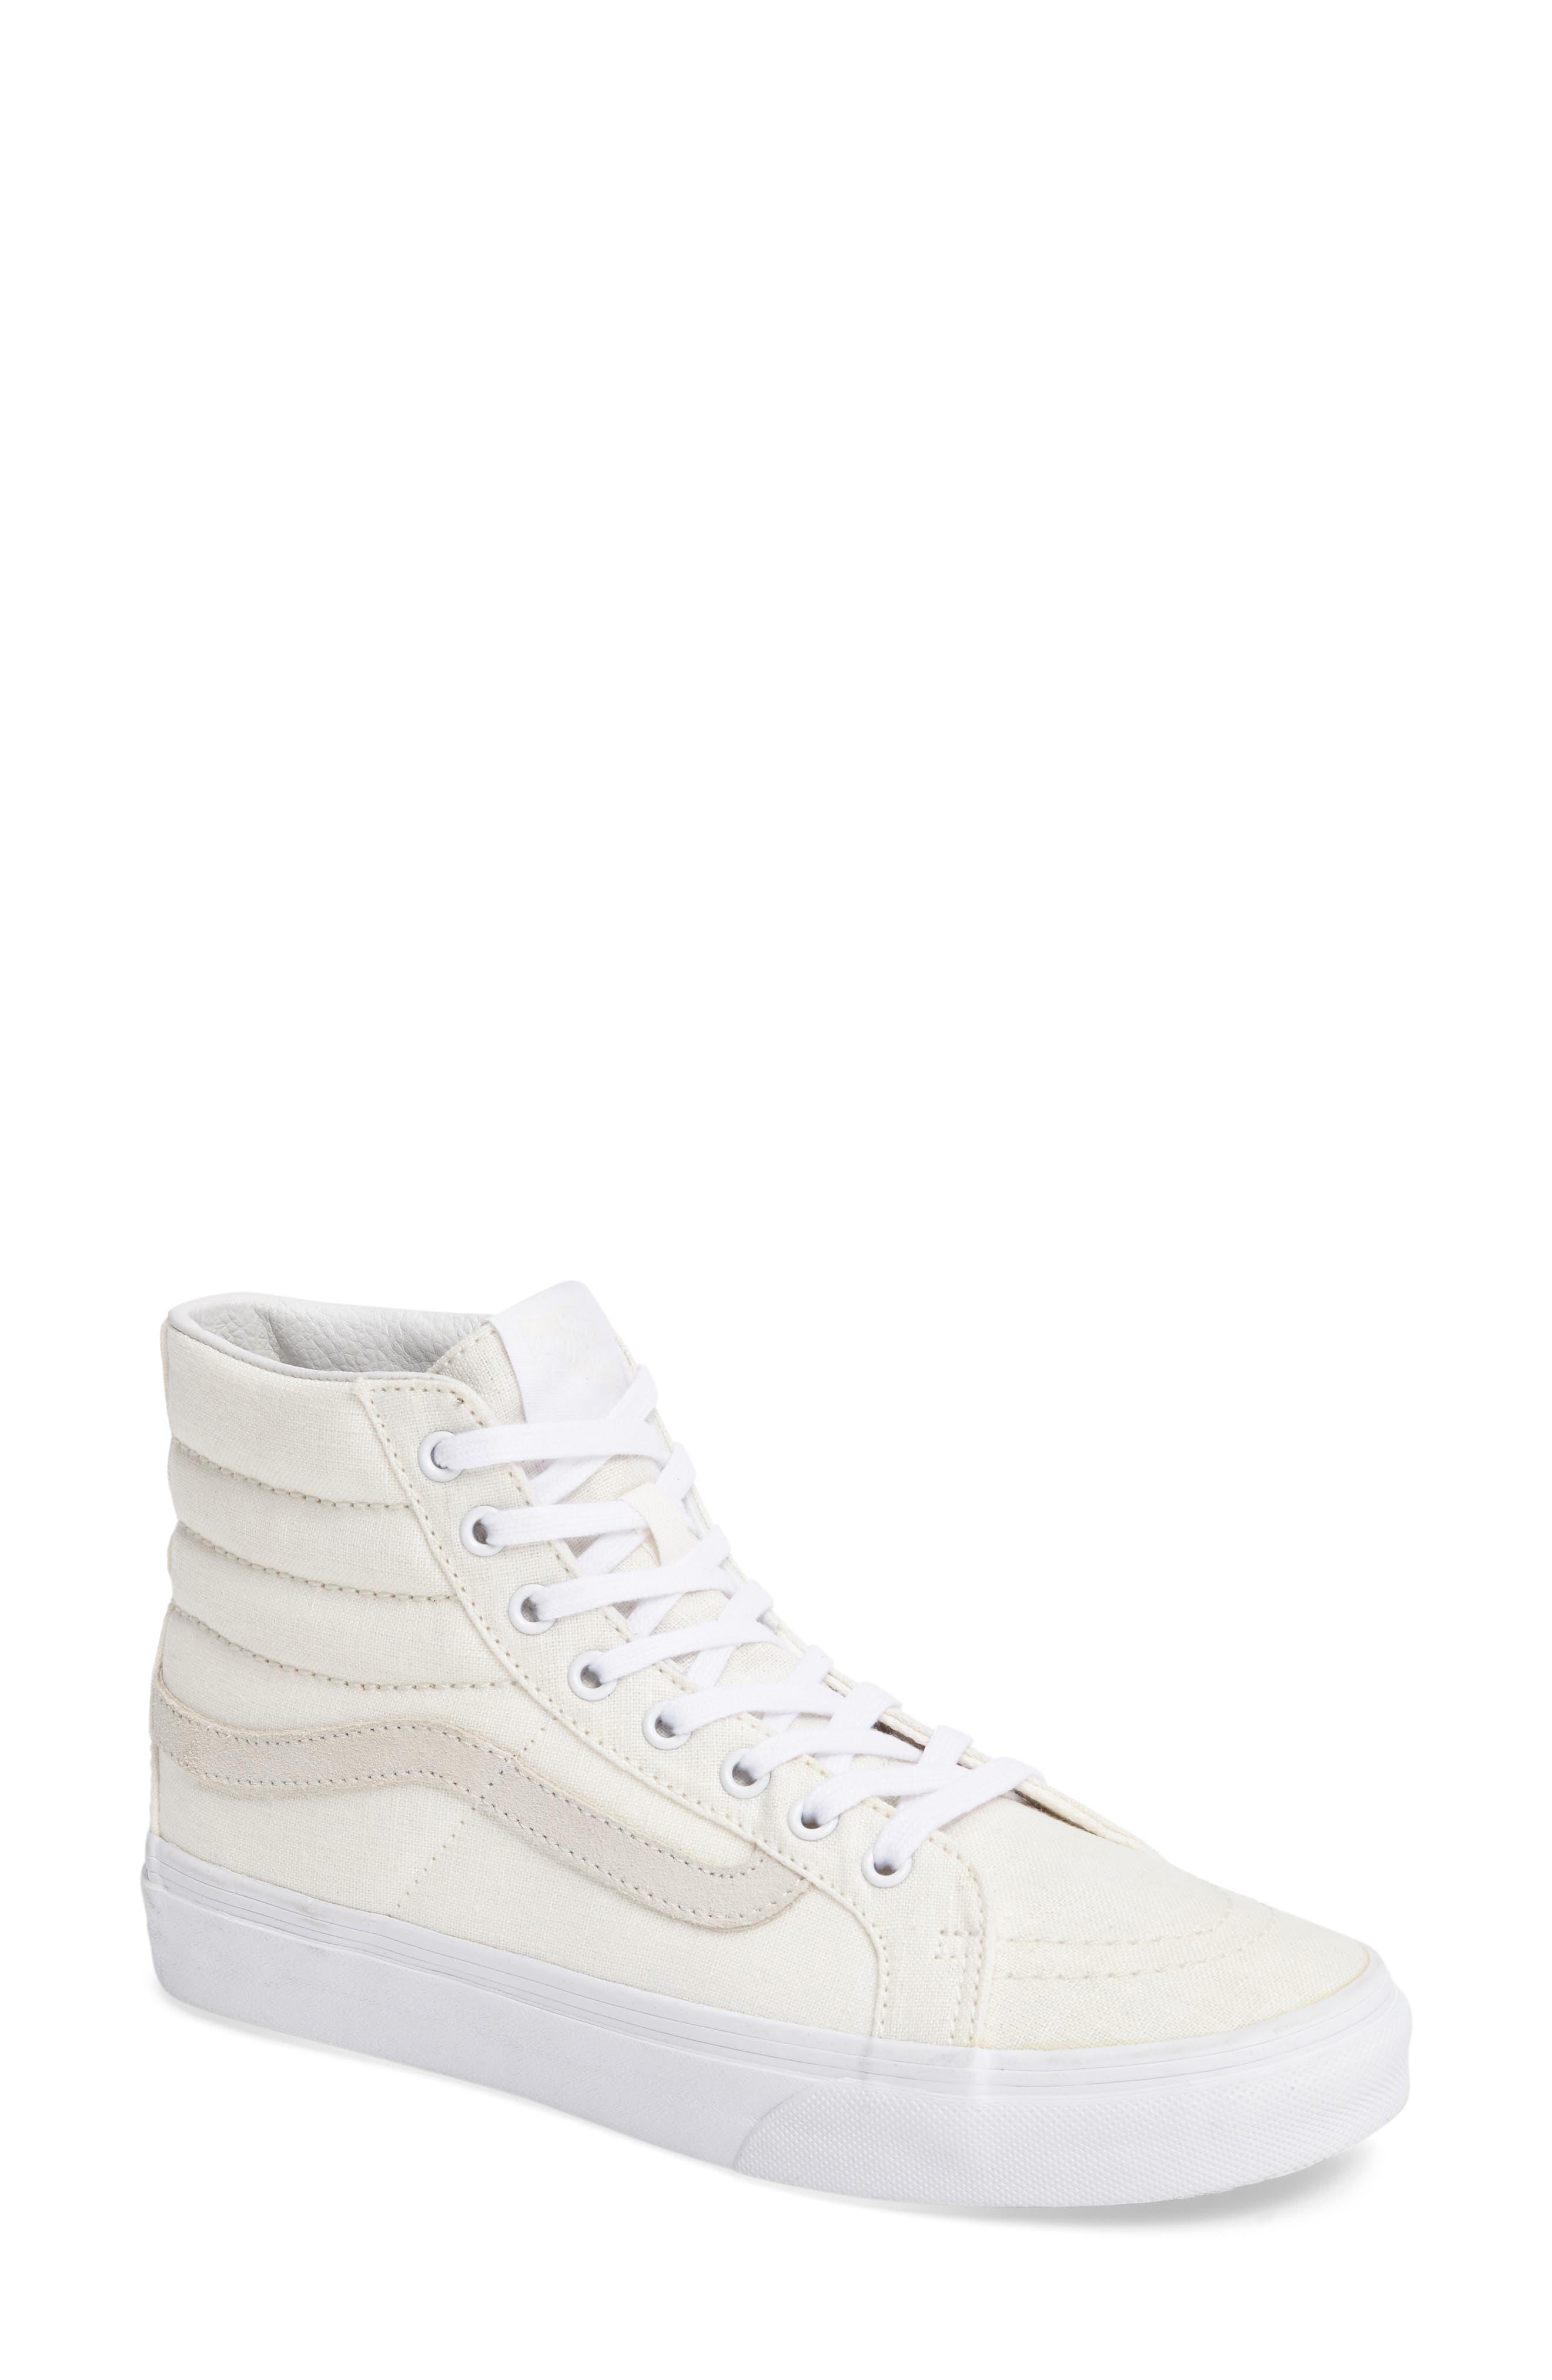 Main Image - Vans Sk8-Hi Slim Sneaker (Women)